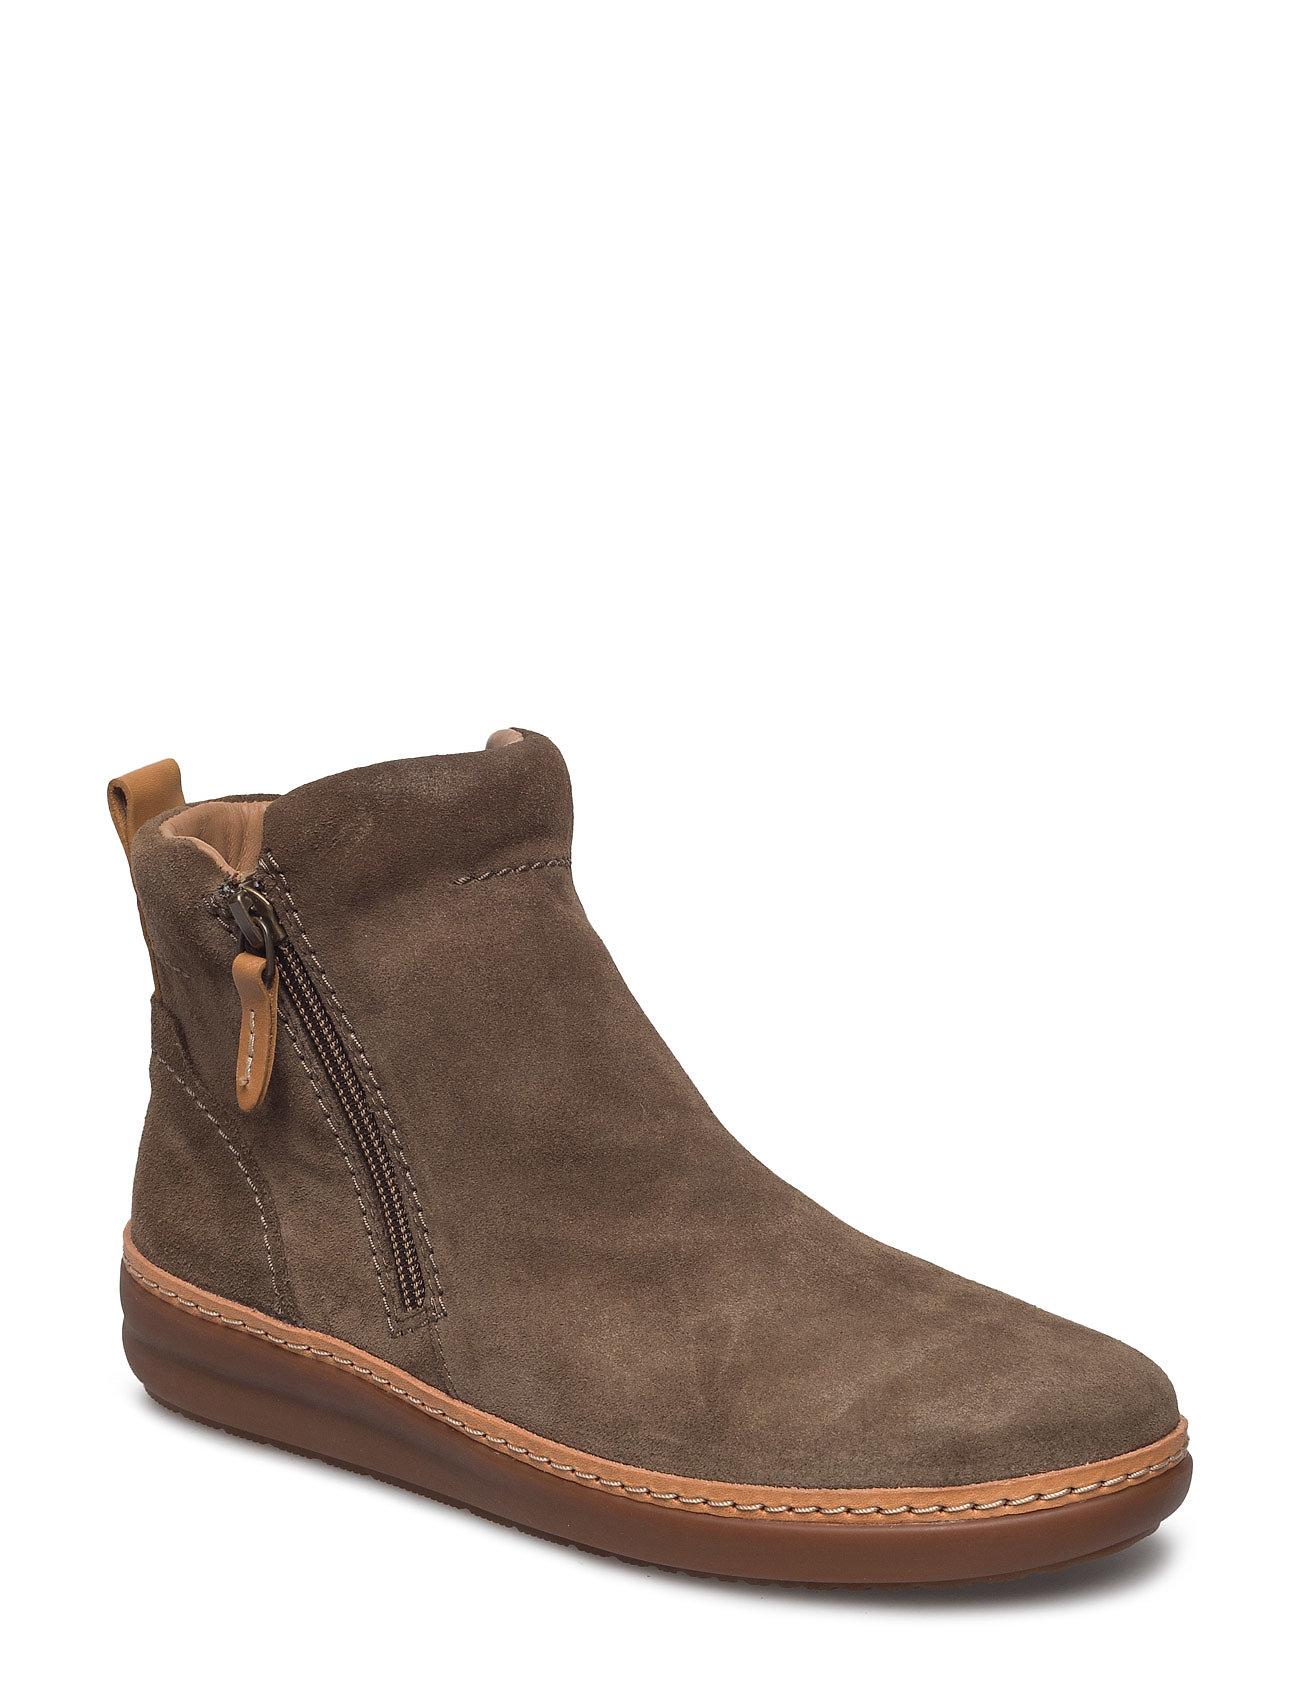 Amberlee Rosi Clarks Støvler til Damer i Oliven